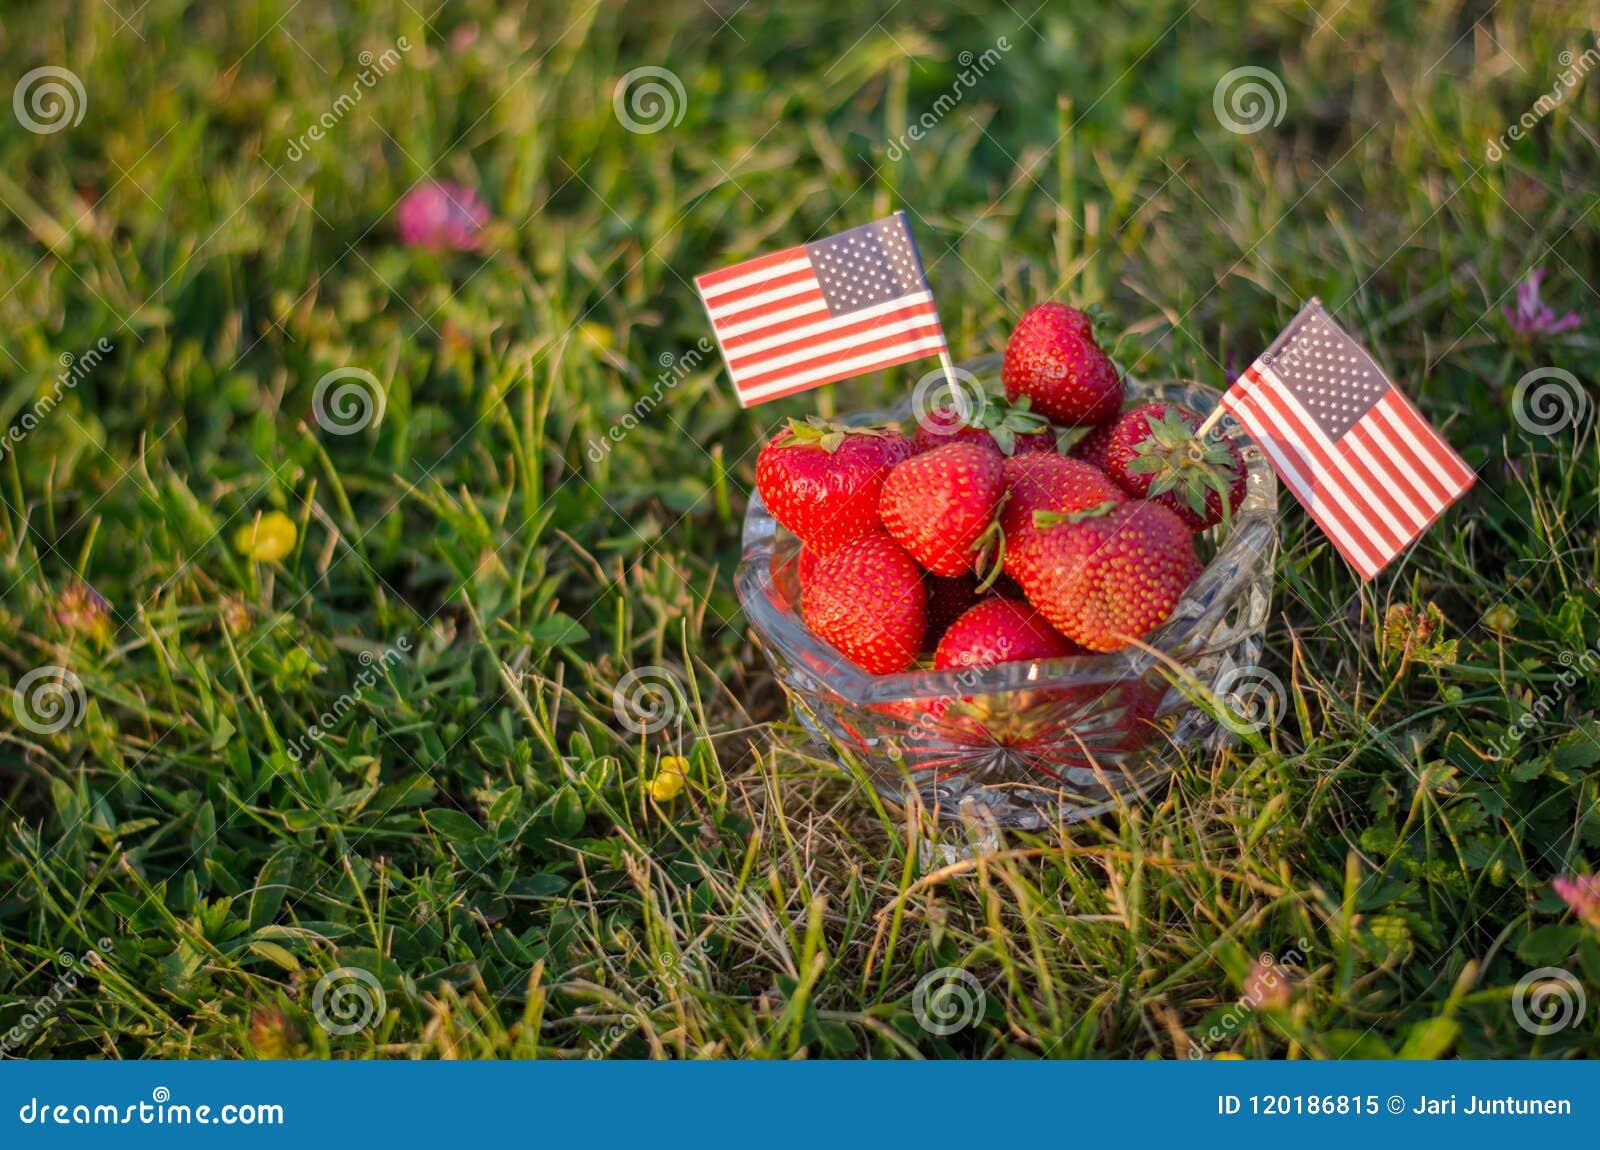 Fragole in una ciotola con le bandiere americane